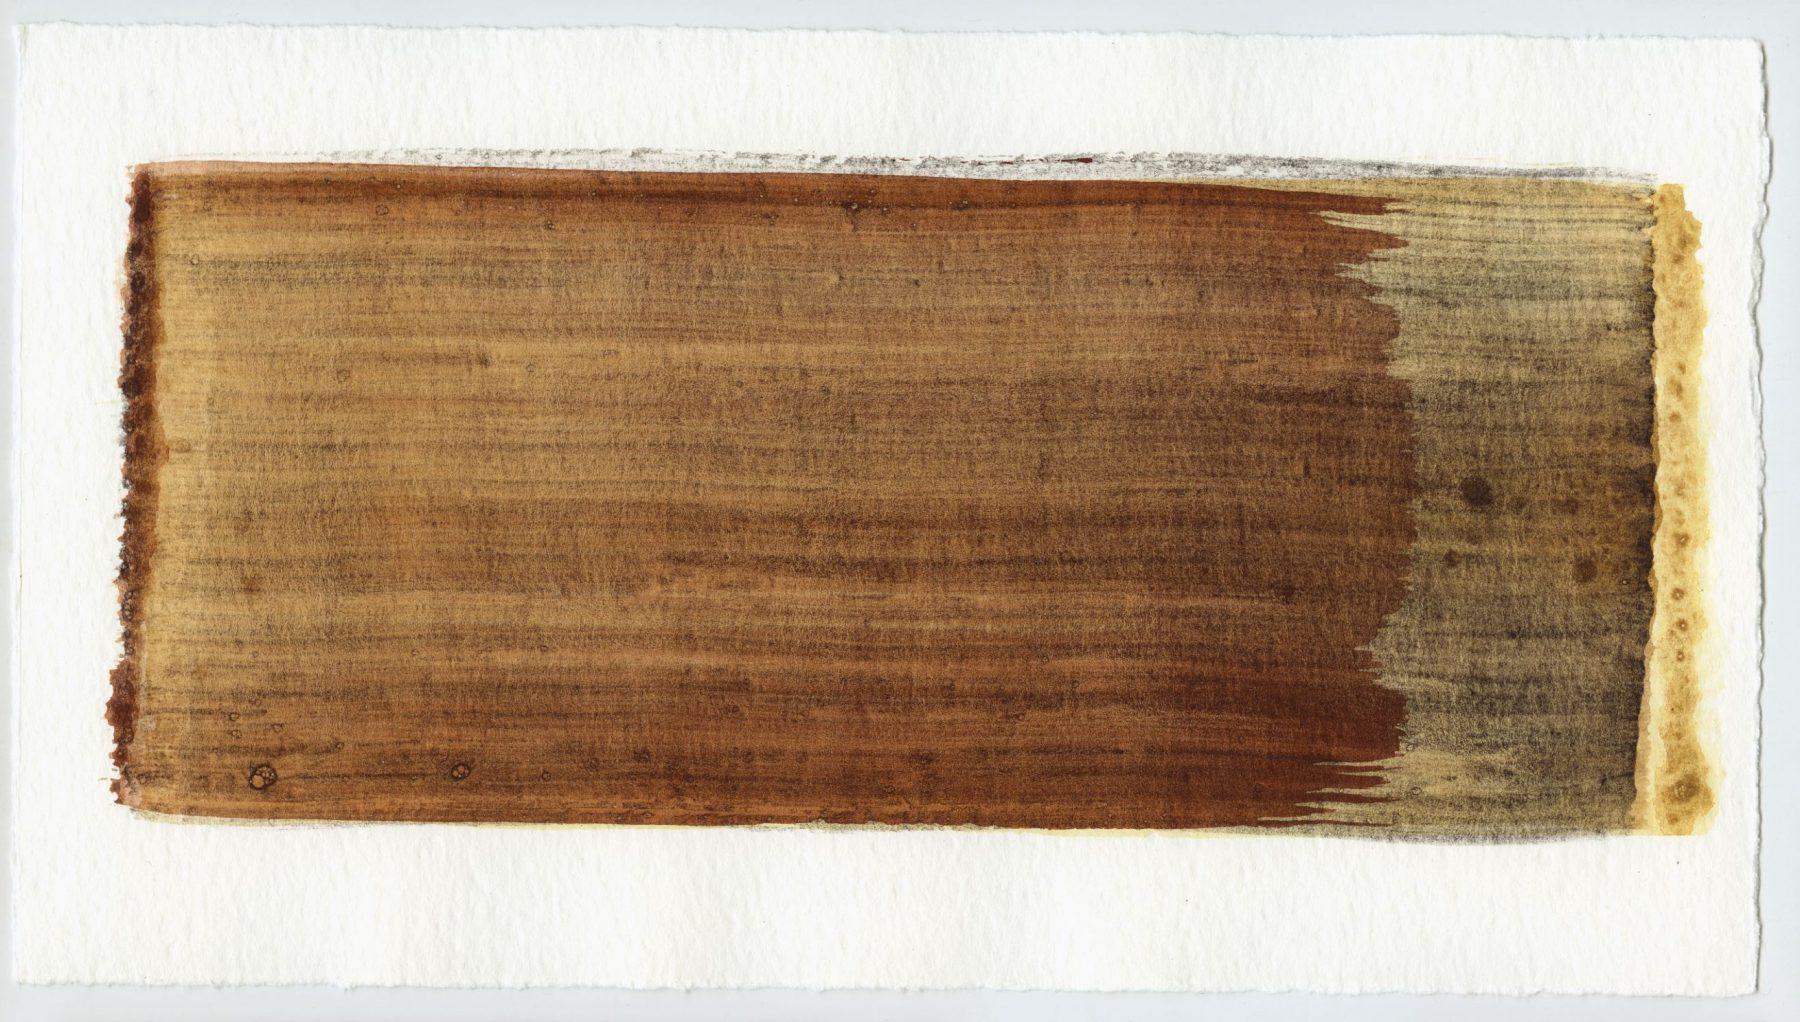 Brush stroke no. 43 - Selfmade pigment: IJzeroer, Mortel paarsgrijs middel, Mortelse oker gebrand